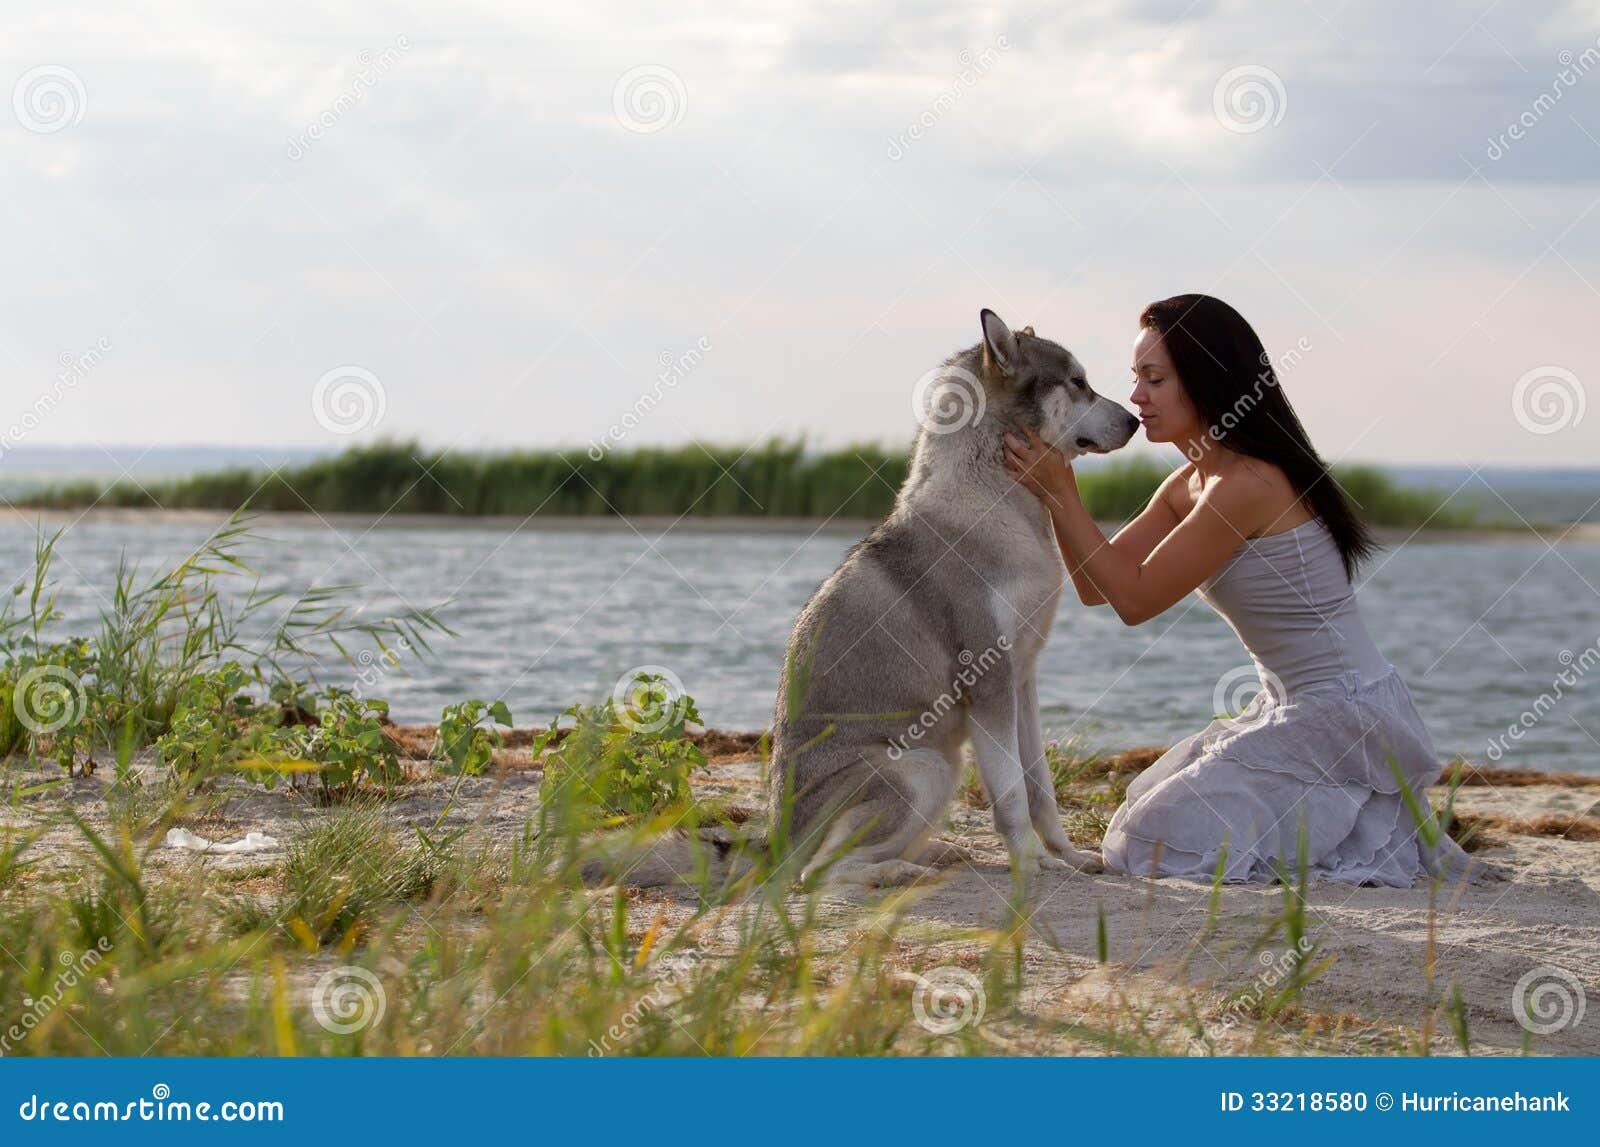 Perro Alaska Joven Mujer Archivo El Con Del Foto Malamute De 0qR6vRwZn